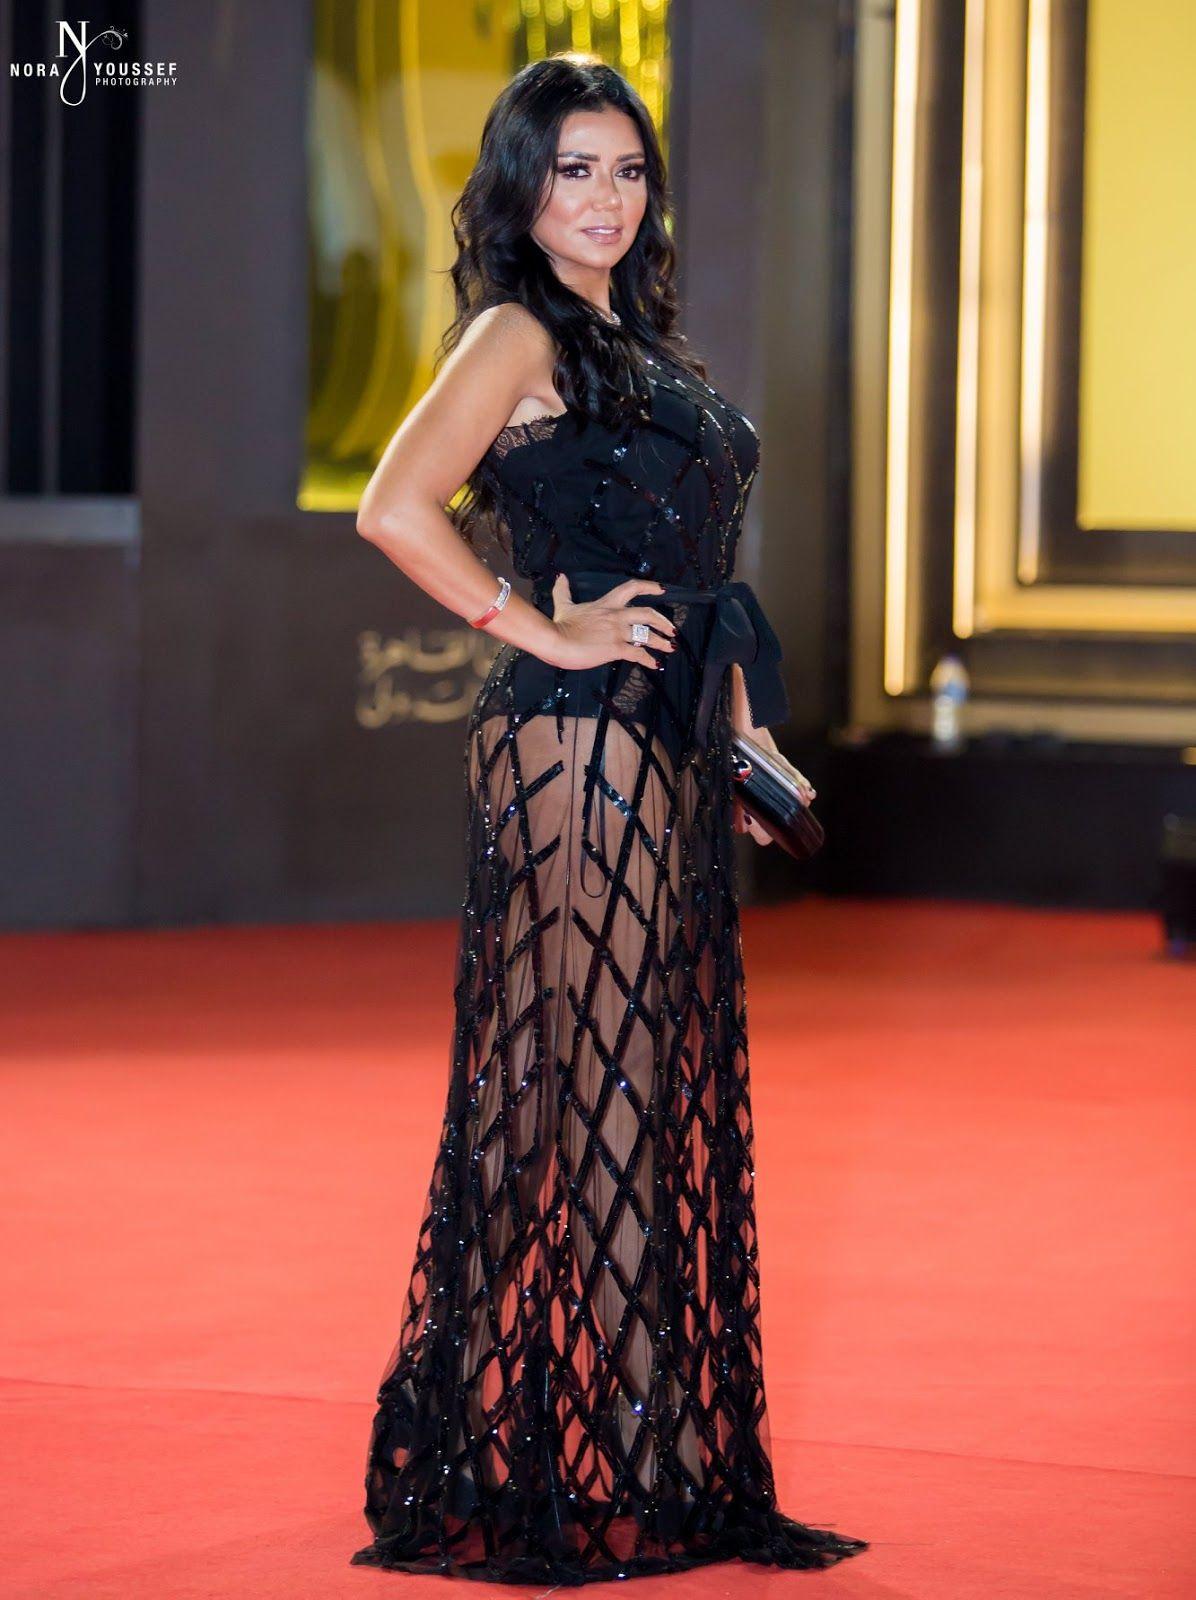 اسخن 40 صورة الفنانات بفساتين عارية وشفافة ومثيرة Egyptian Actress Egyptian Beauty Arab Celebrities